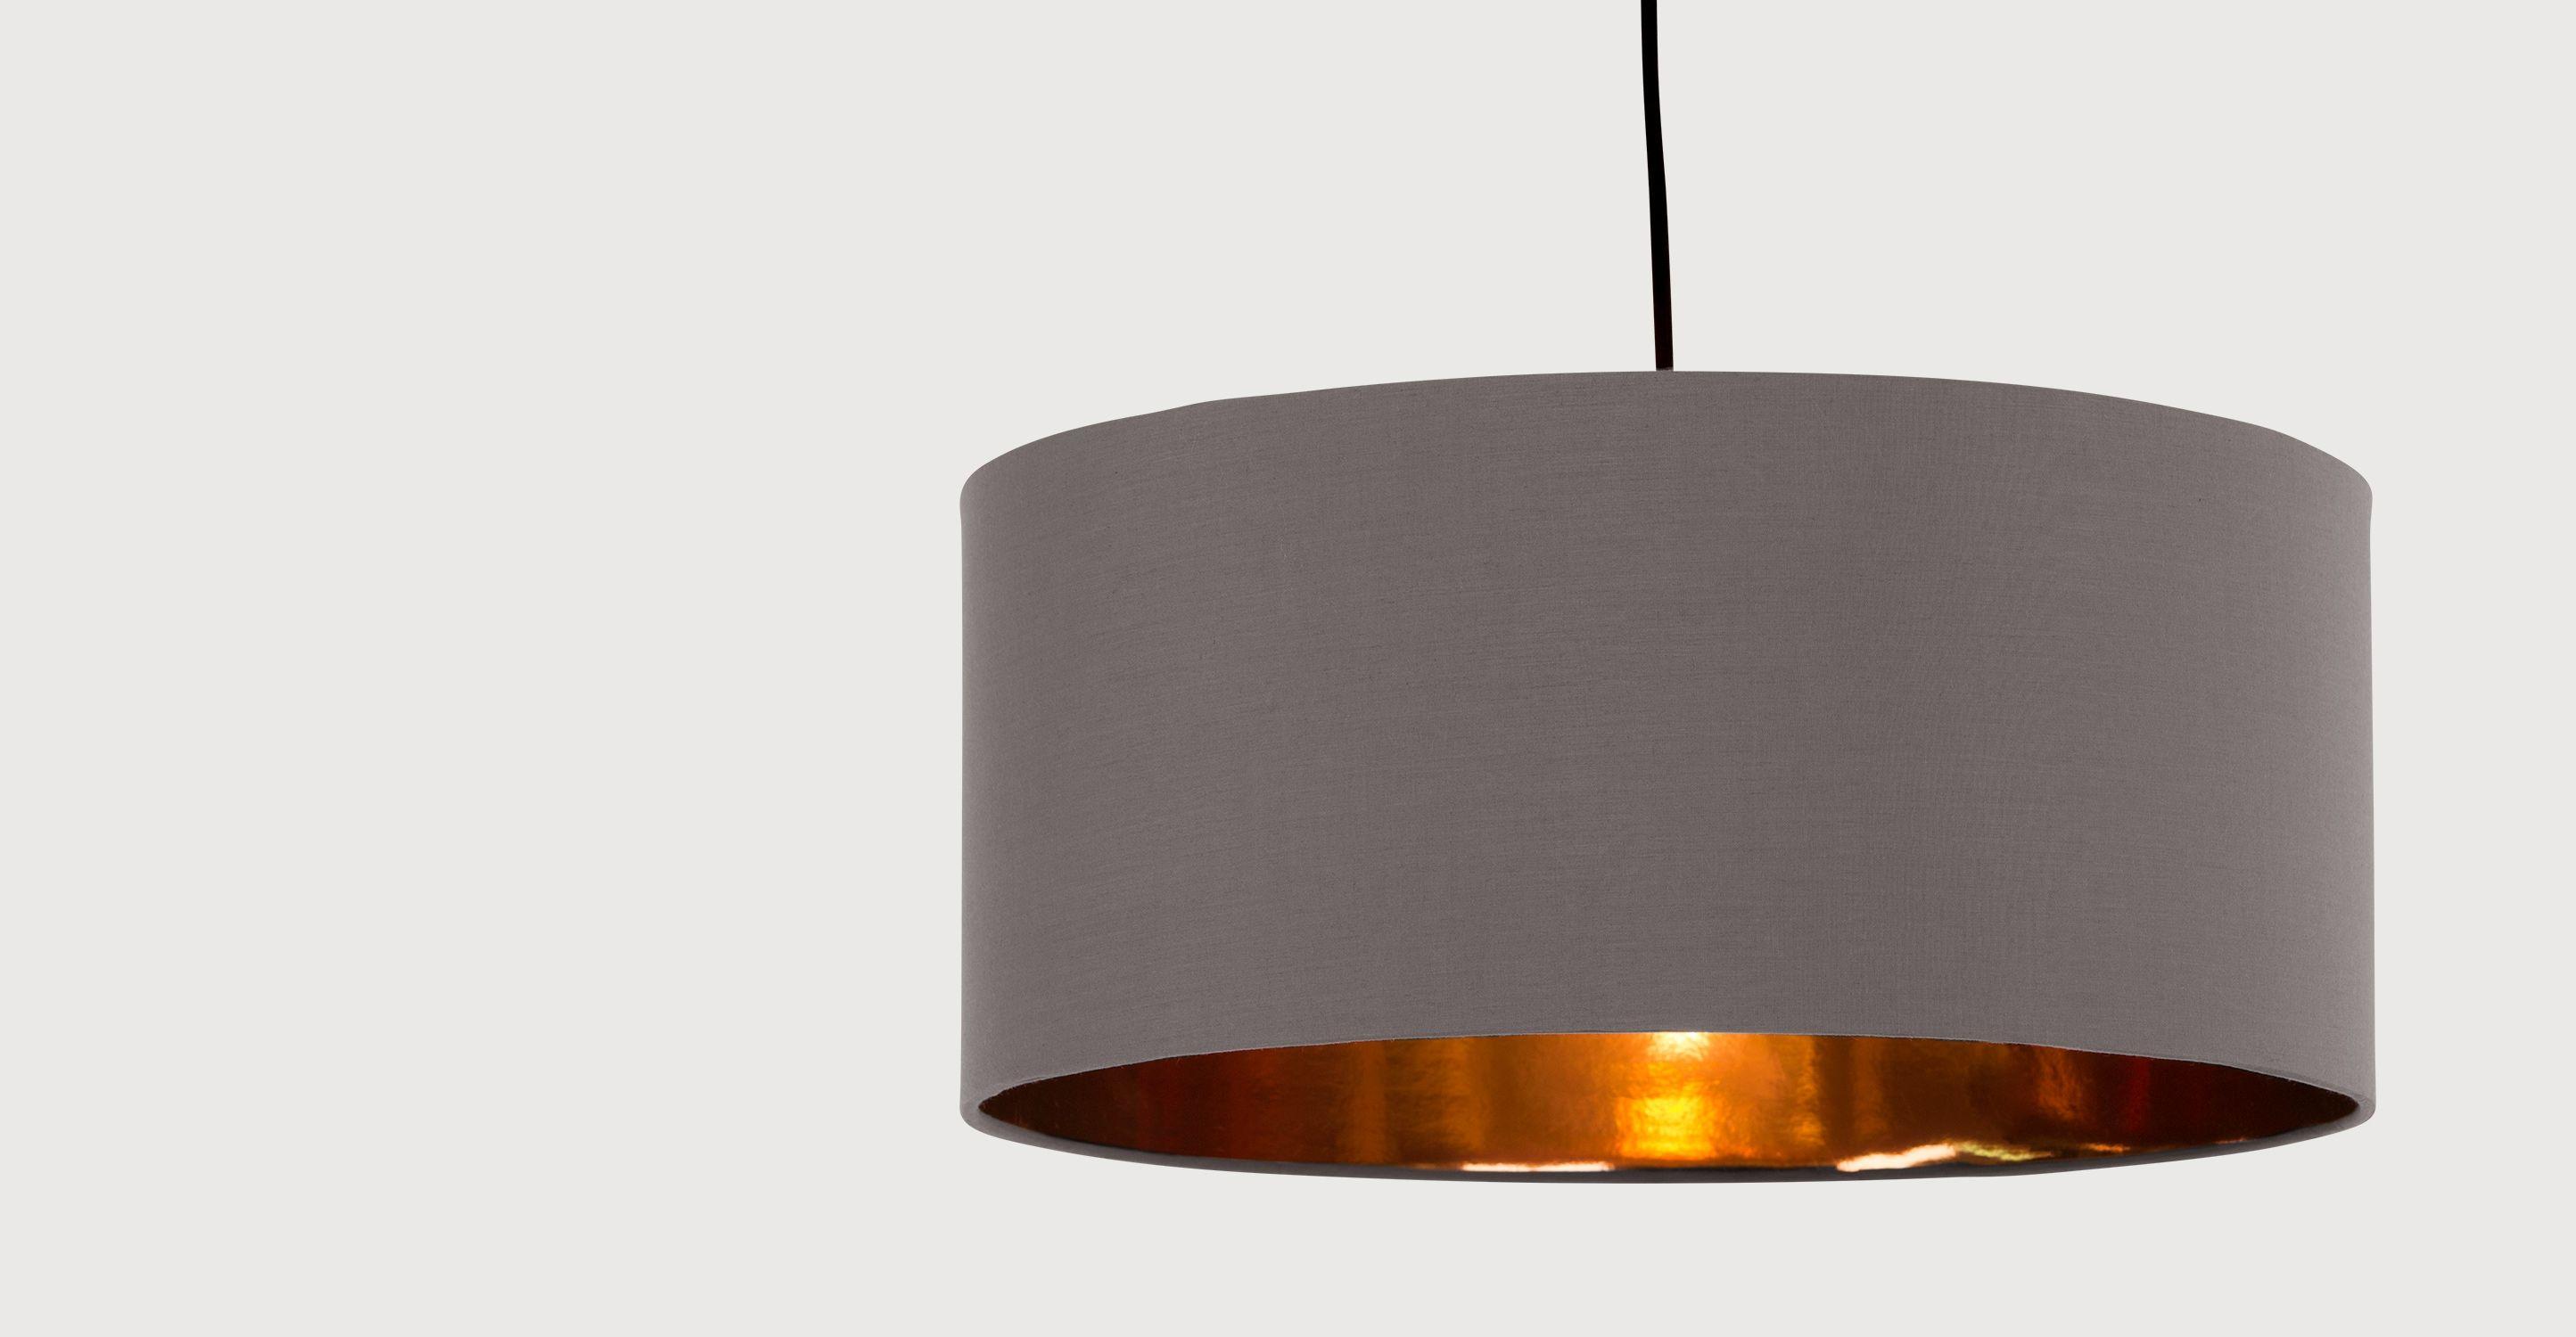 Hue lampenschirm grau und kupfer wohntr ume pinterest lampen deckenlampe schlafzimmer - Lampenschirm schlafzimmer ...